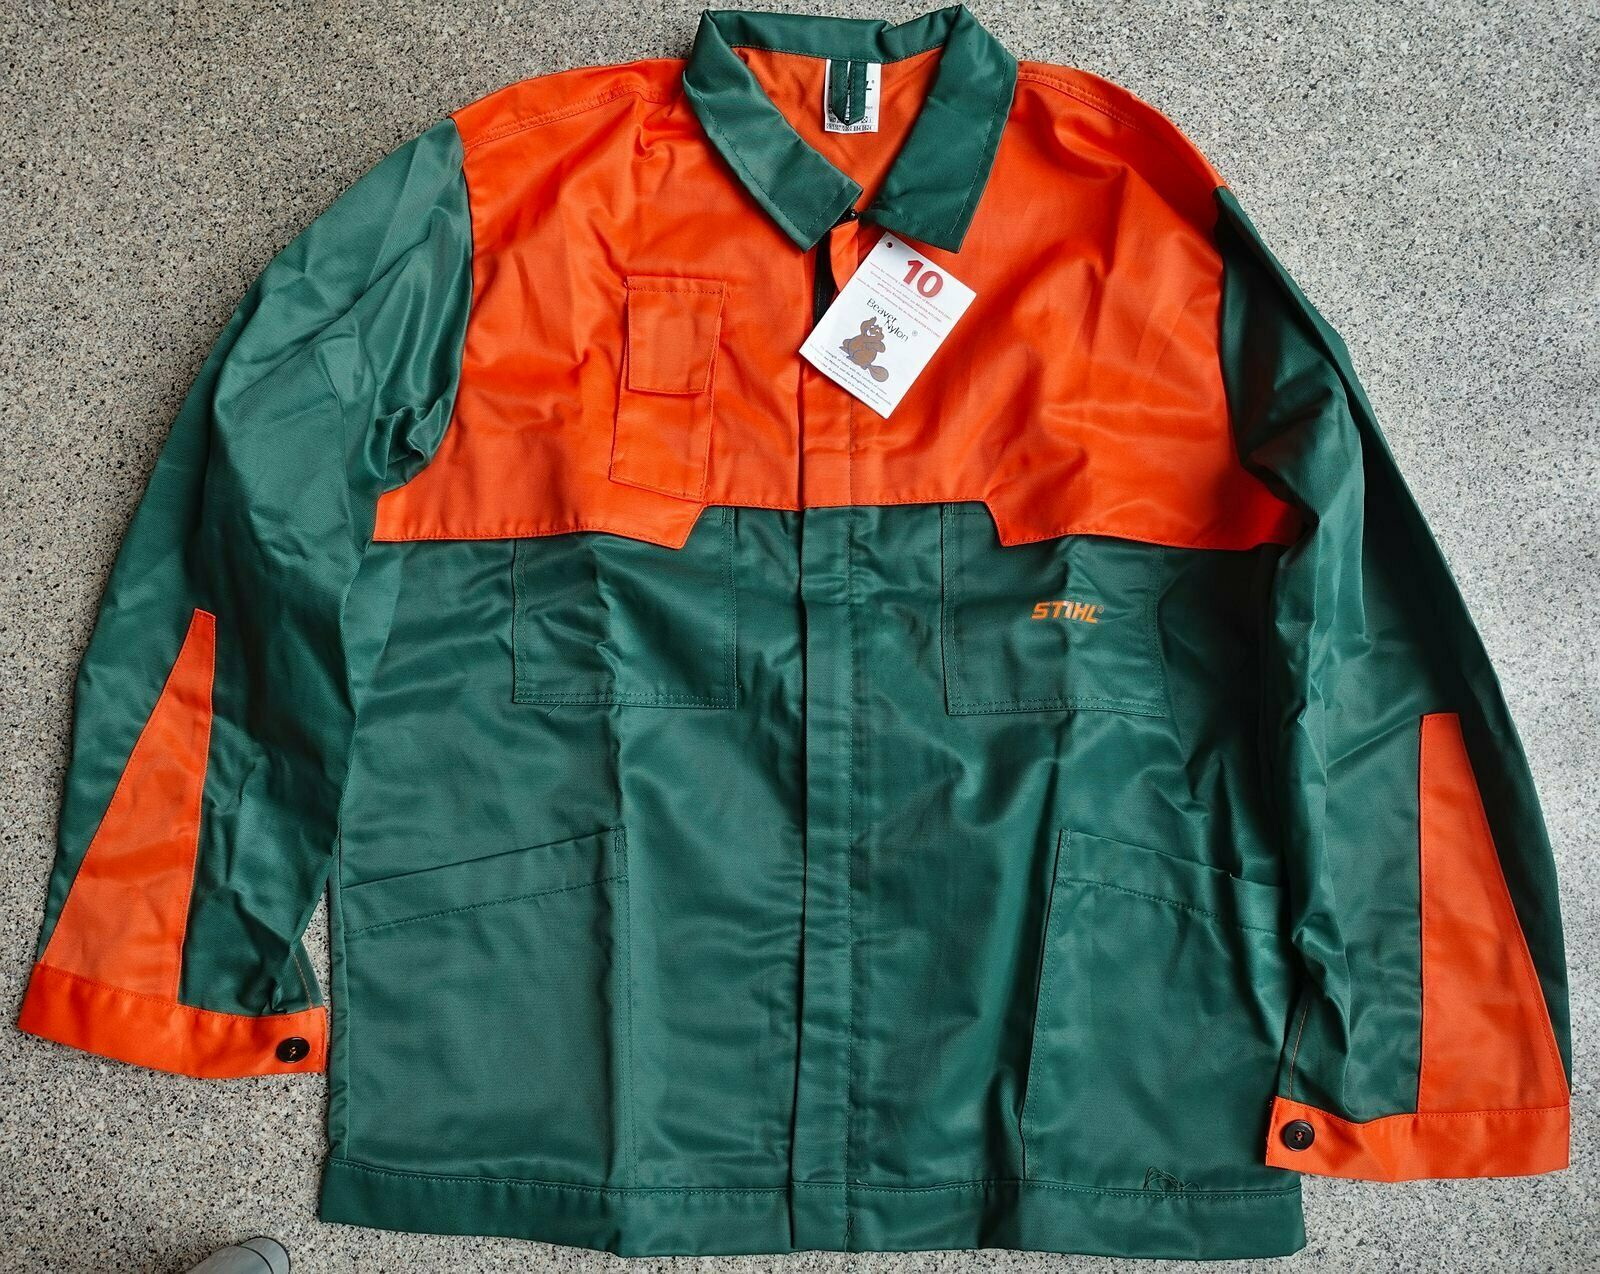 STIHL Waldarbeiterjacke Gr. 58/60 Schutzkleidung